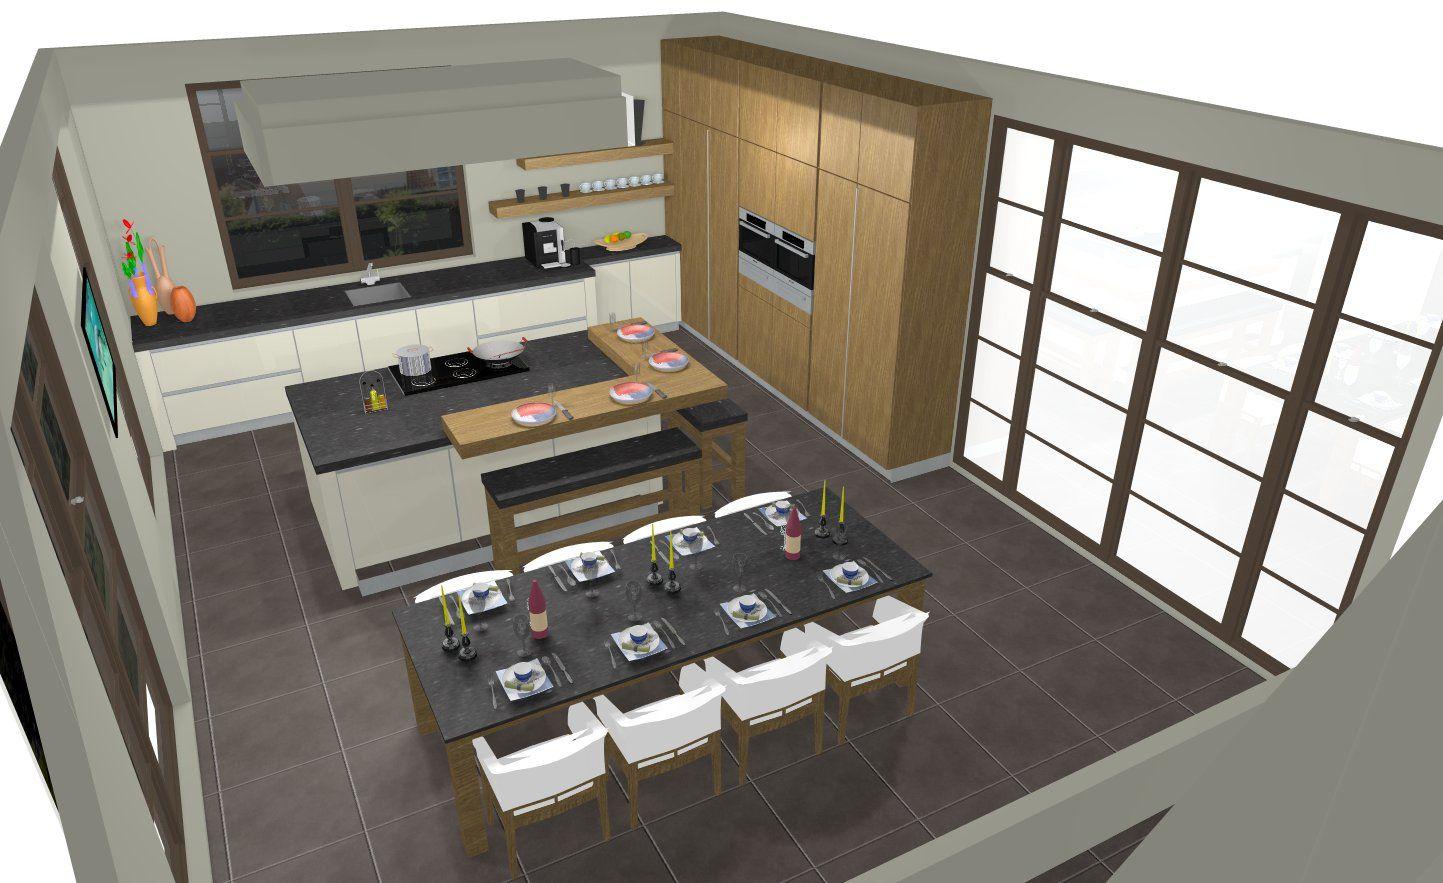 Creatief keukenontwerp met praktische indeling inclusief eettafel by tieleman keukens home - Keukenontwerp ...